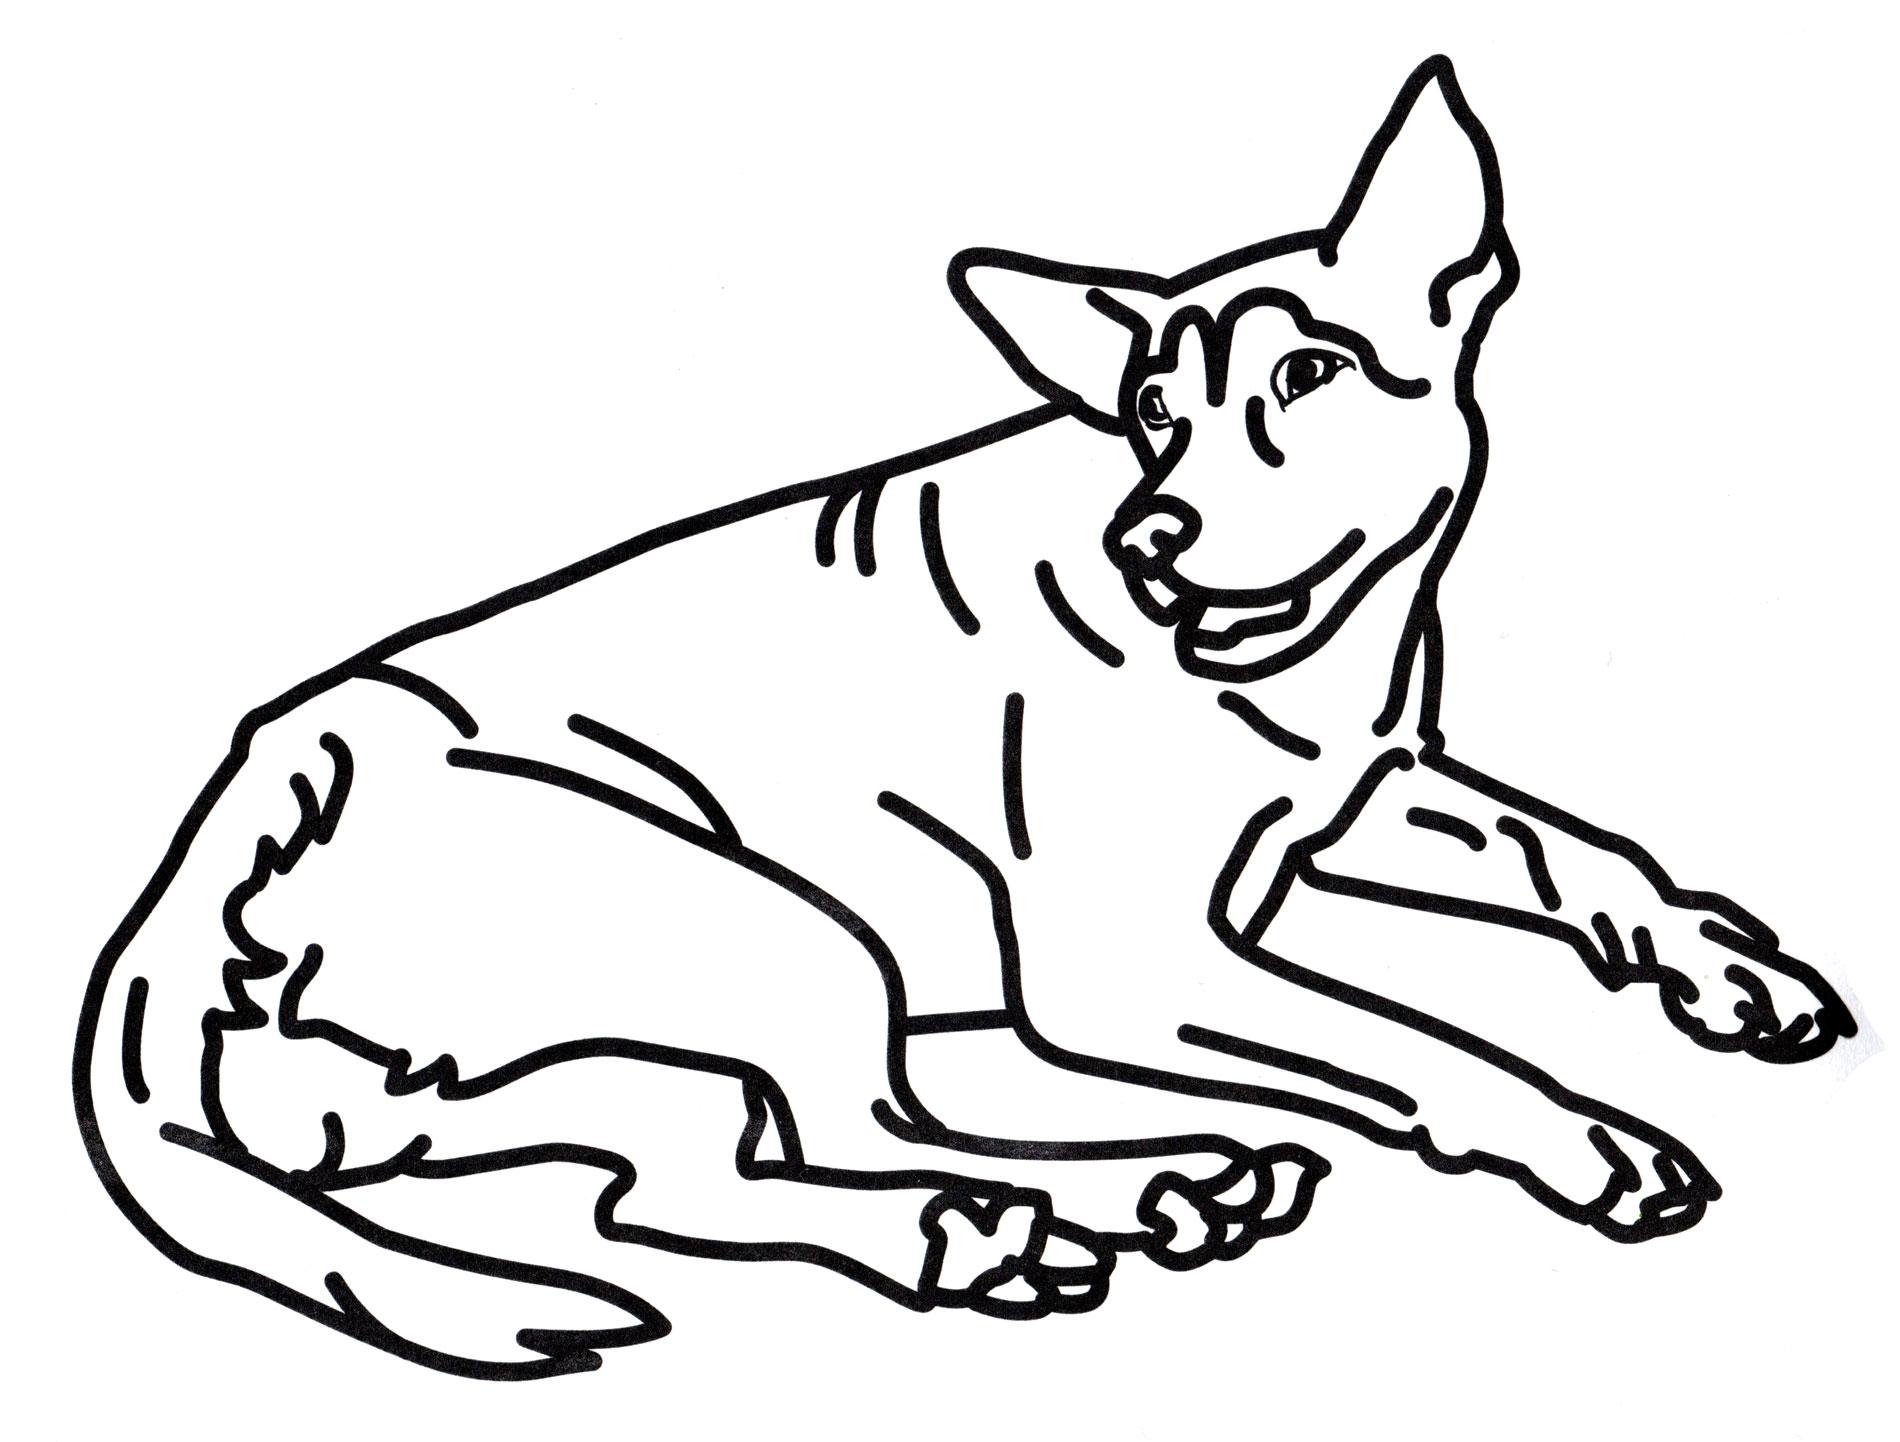 Раскраска Собака отдыхает - распечатать бесплатно